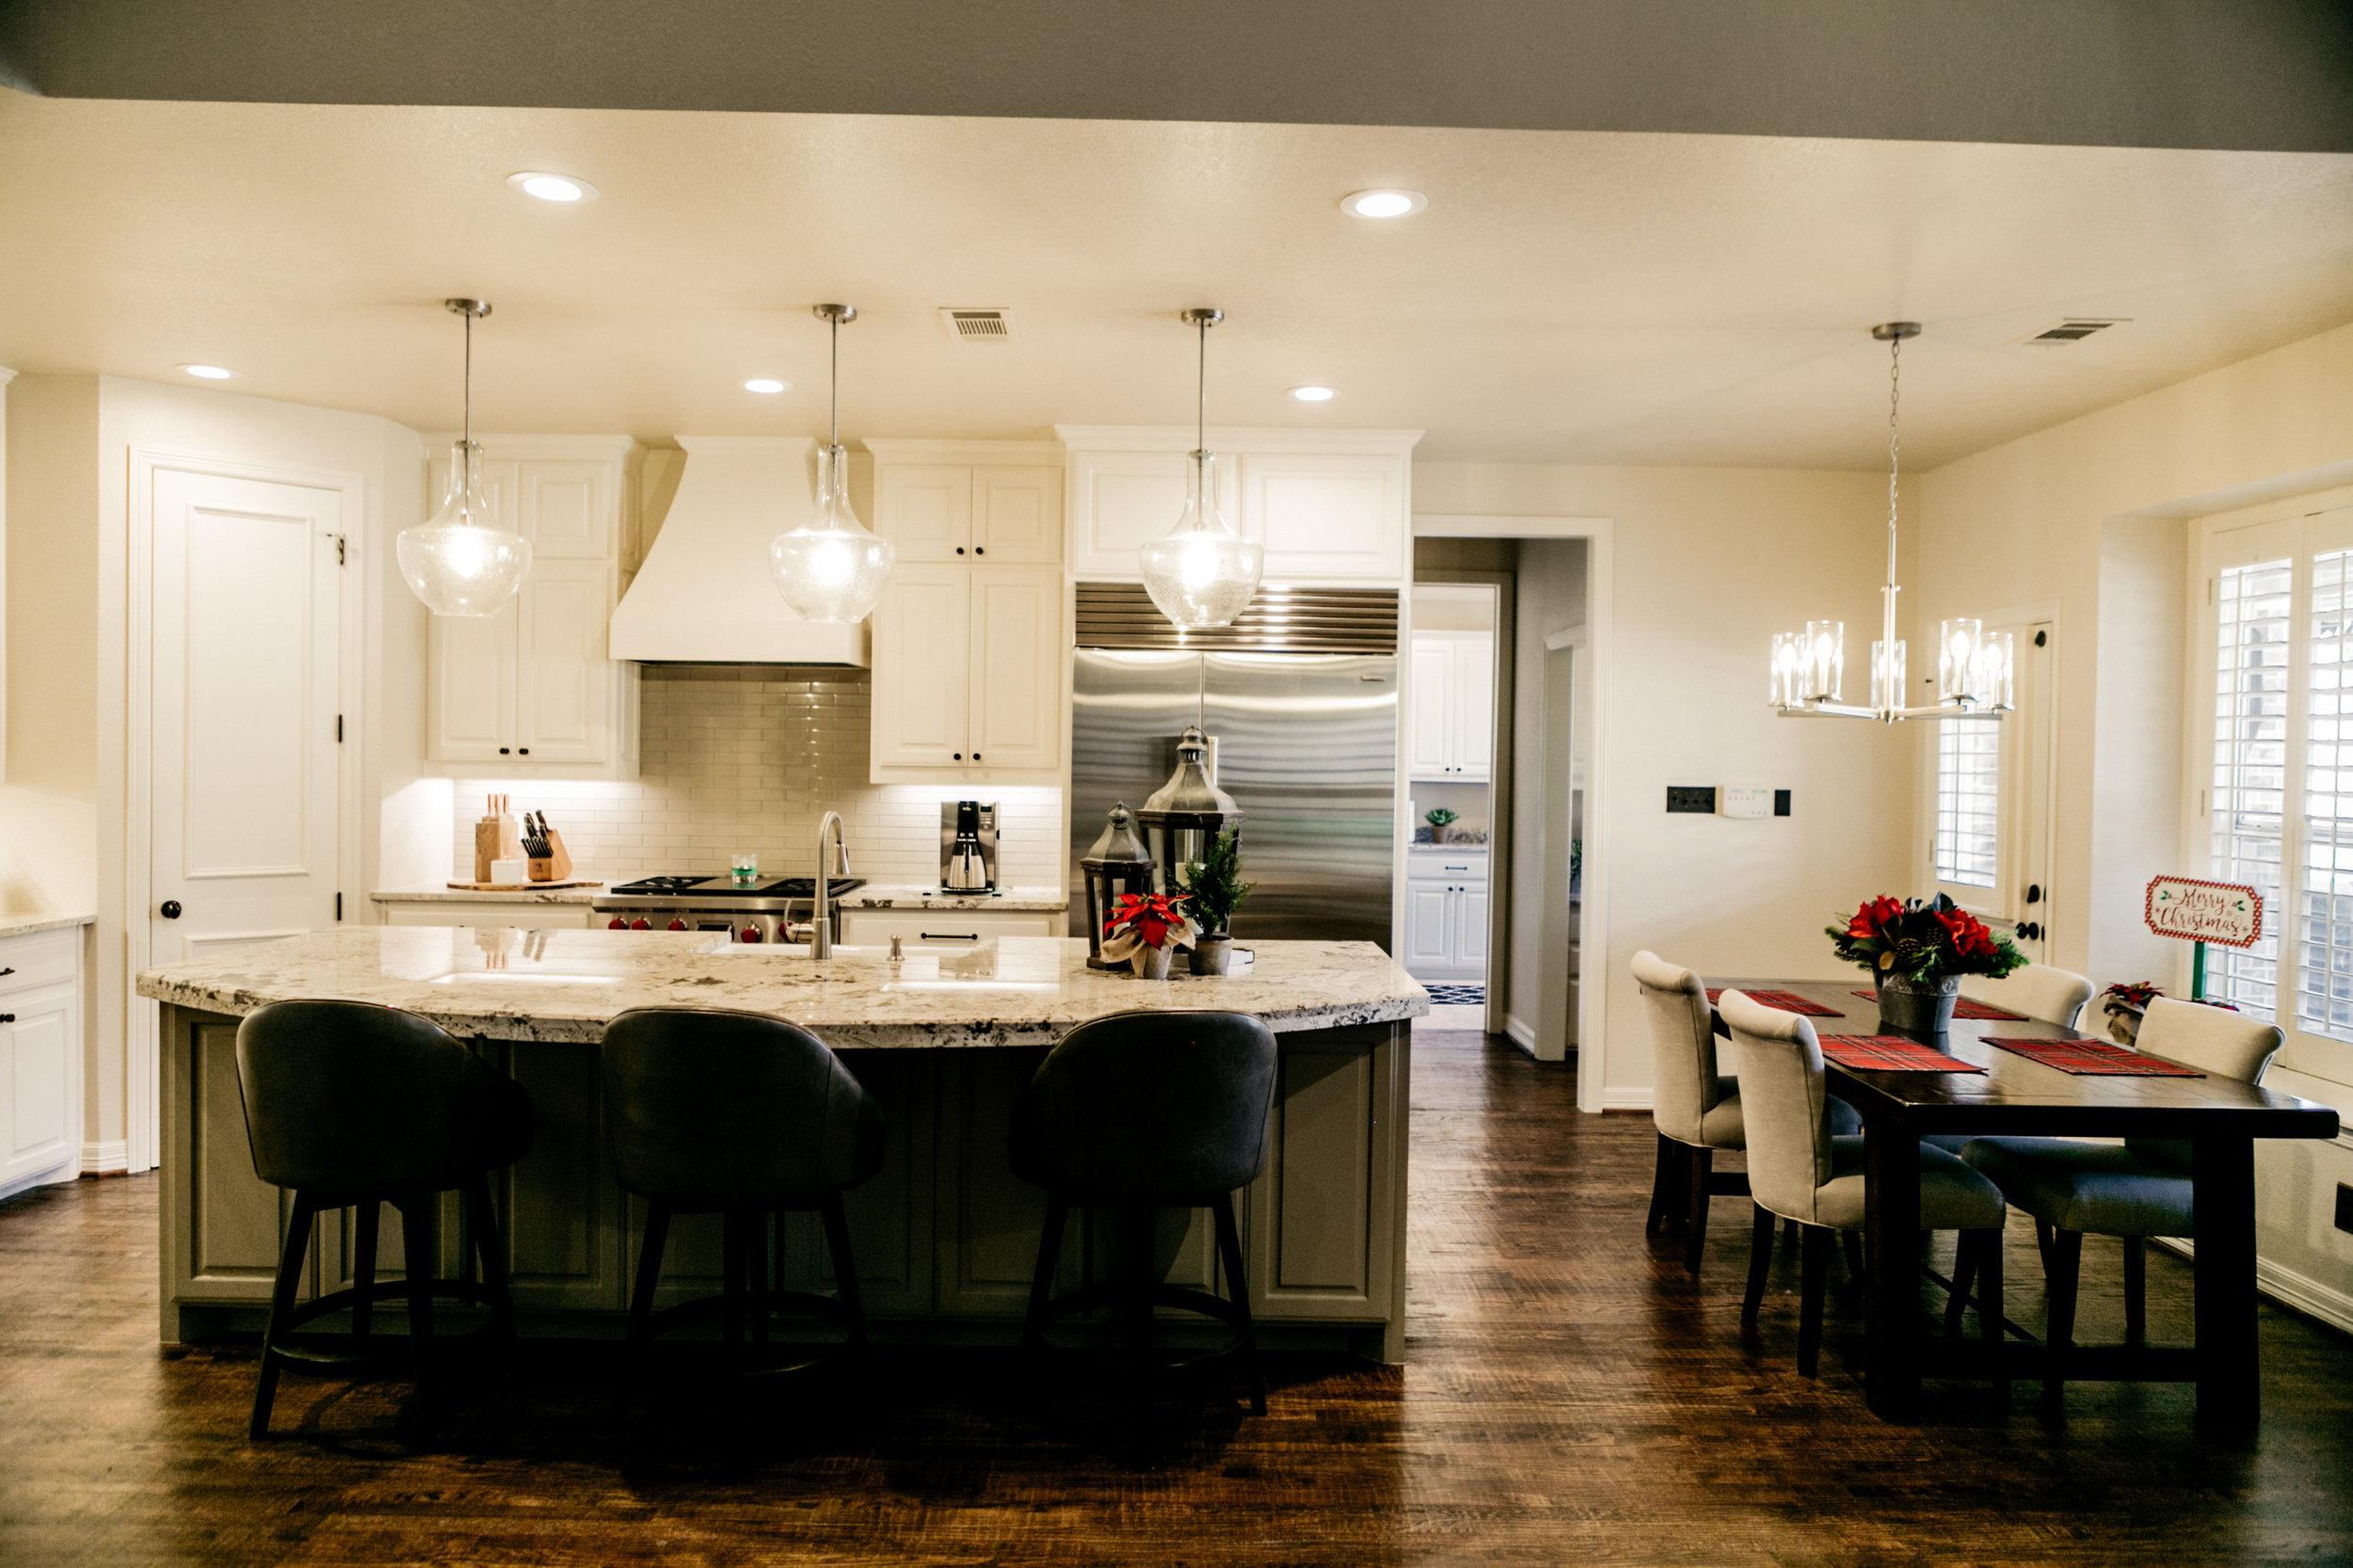 Southlake Kitchen Remodel371.jpg